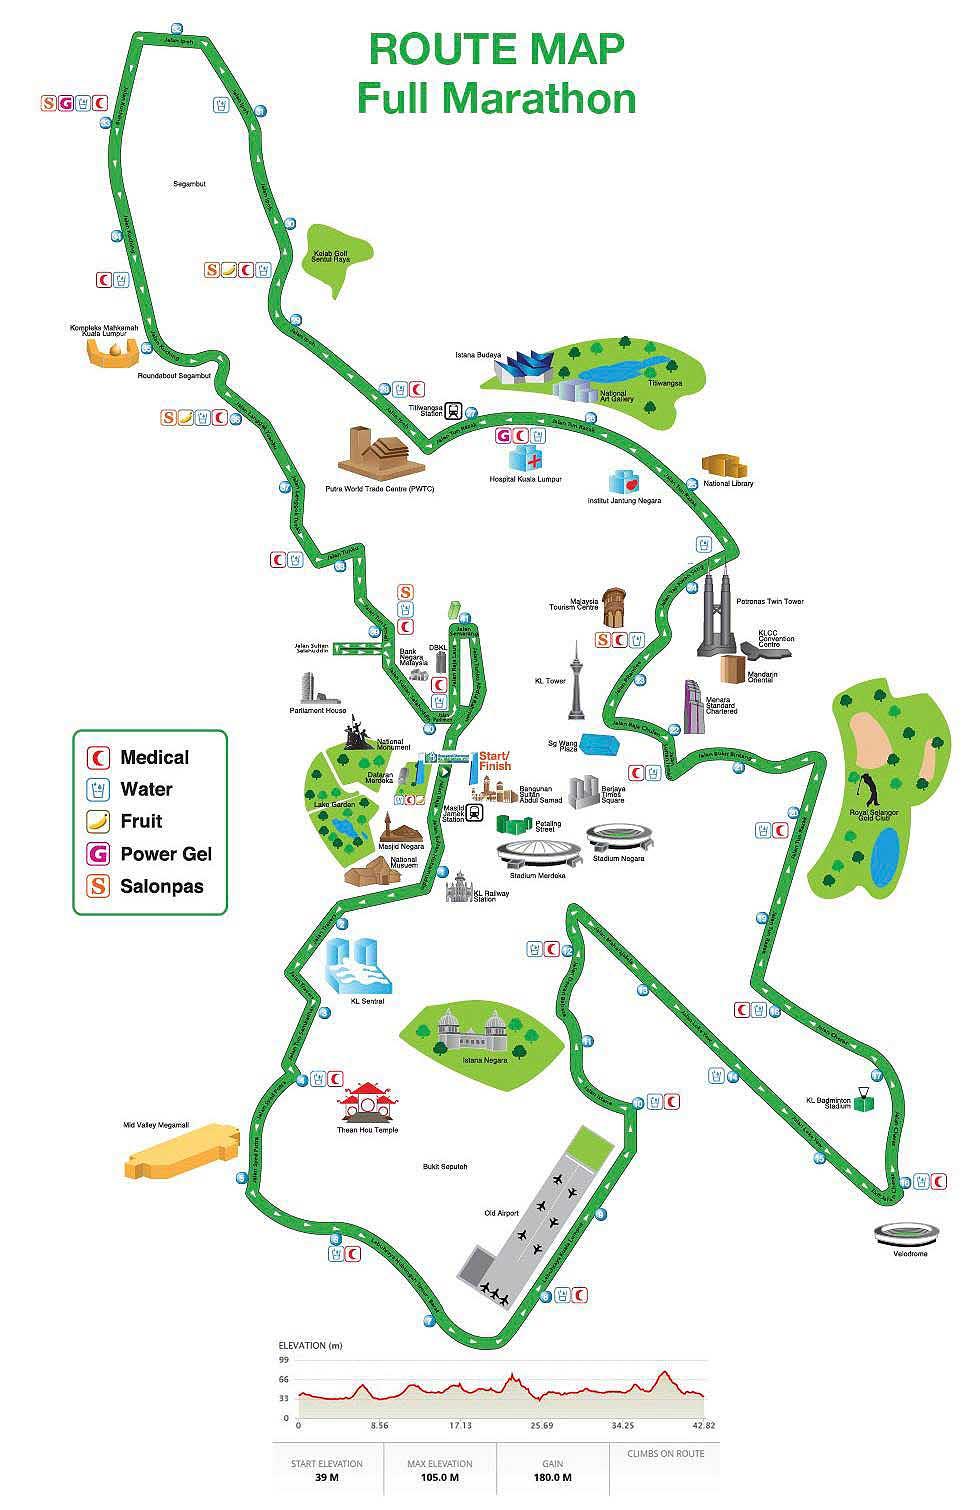 Mappa del percorso della Standard Chartered KL Marathon